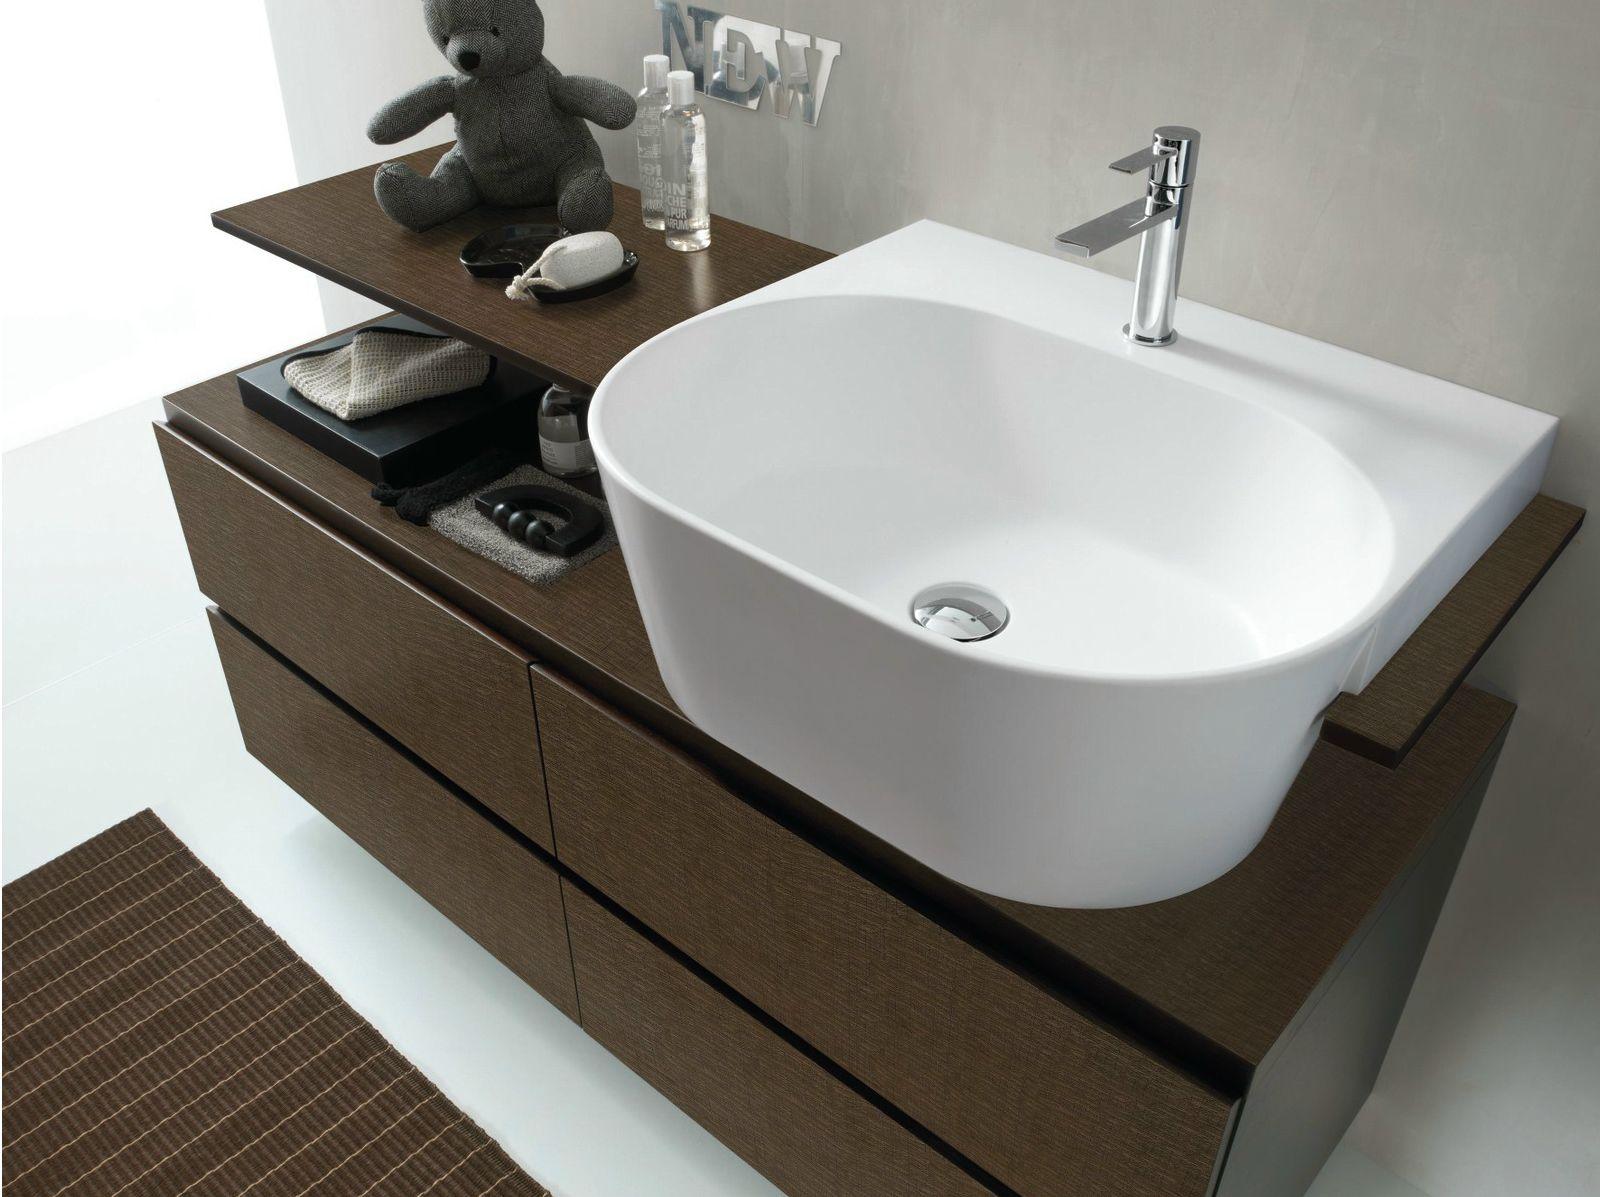 bathroom furniture set canestro - composition c13 by novello ... - Il Bagno Canestro Di Novello